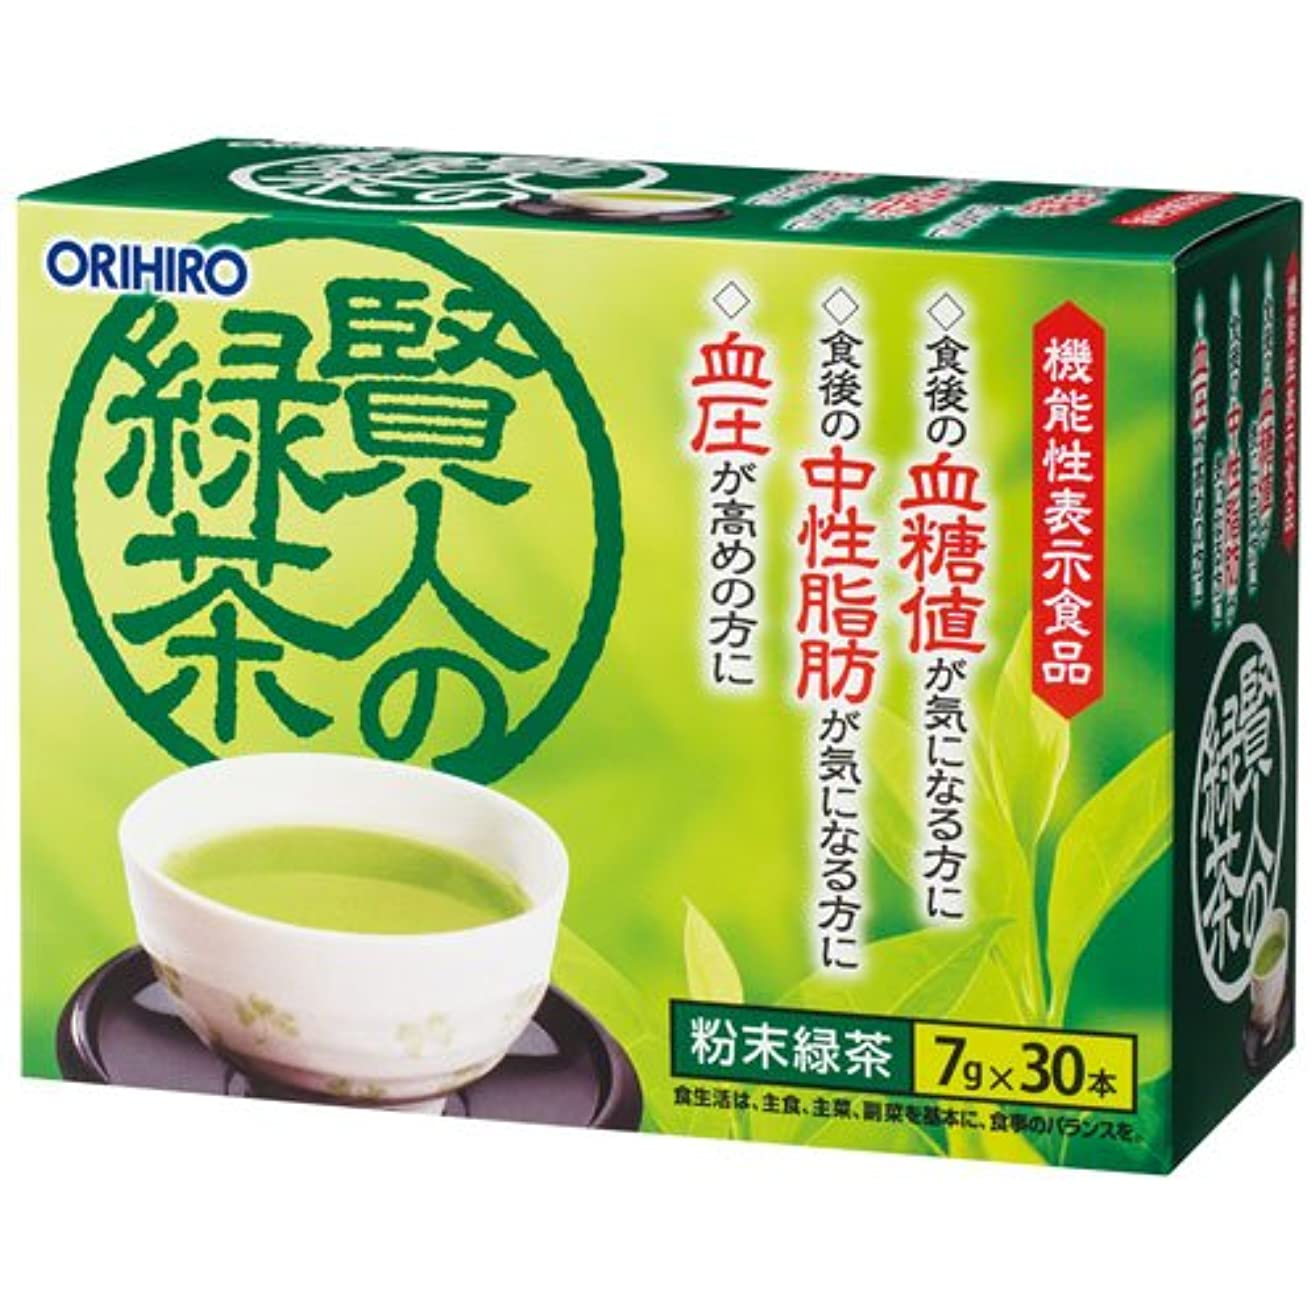 うなる合併症松オリヒロ 賢人の緑茶 7g×30包×6個セット